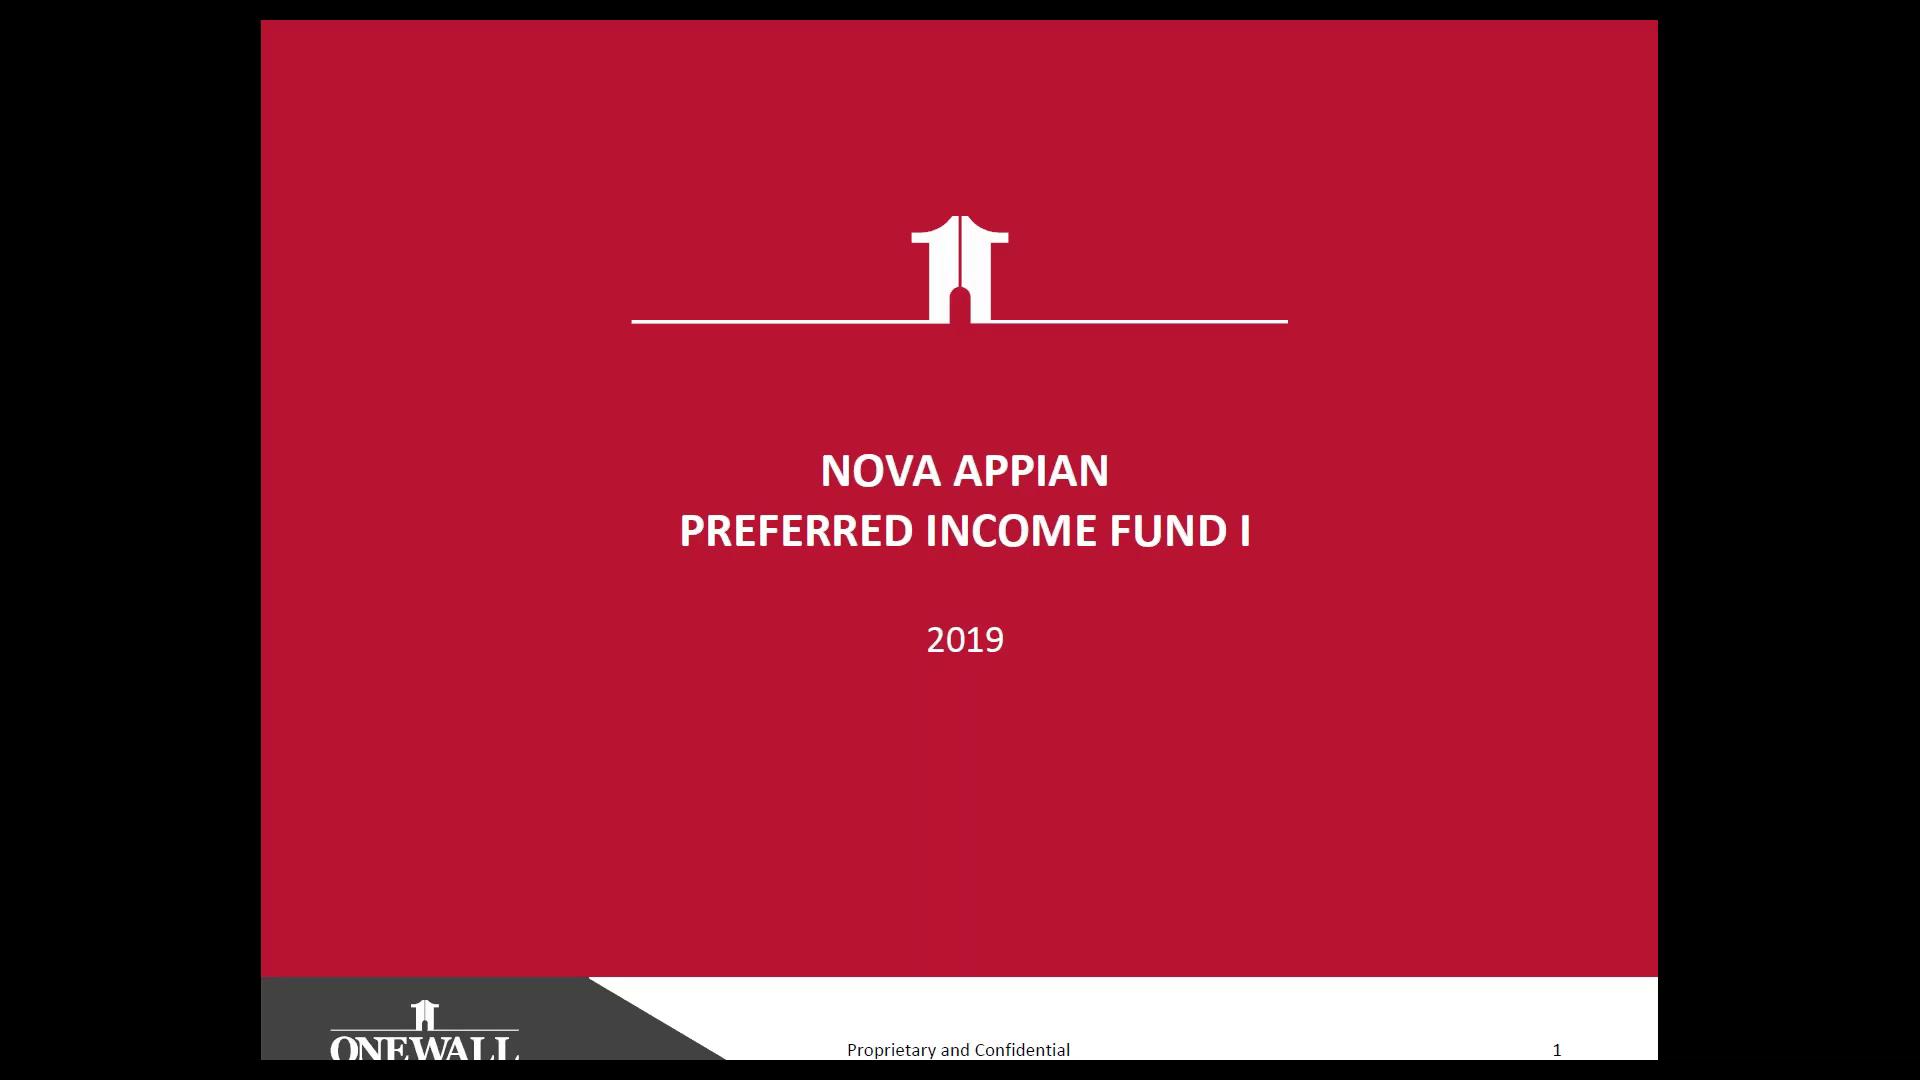 Investment Video - Nova Appian Preferred Income Fund I